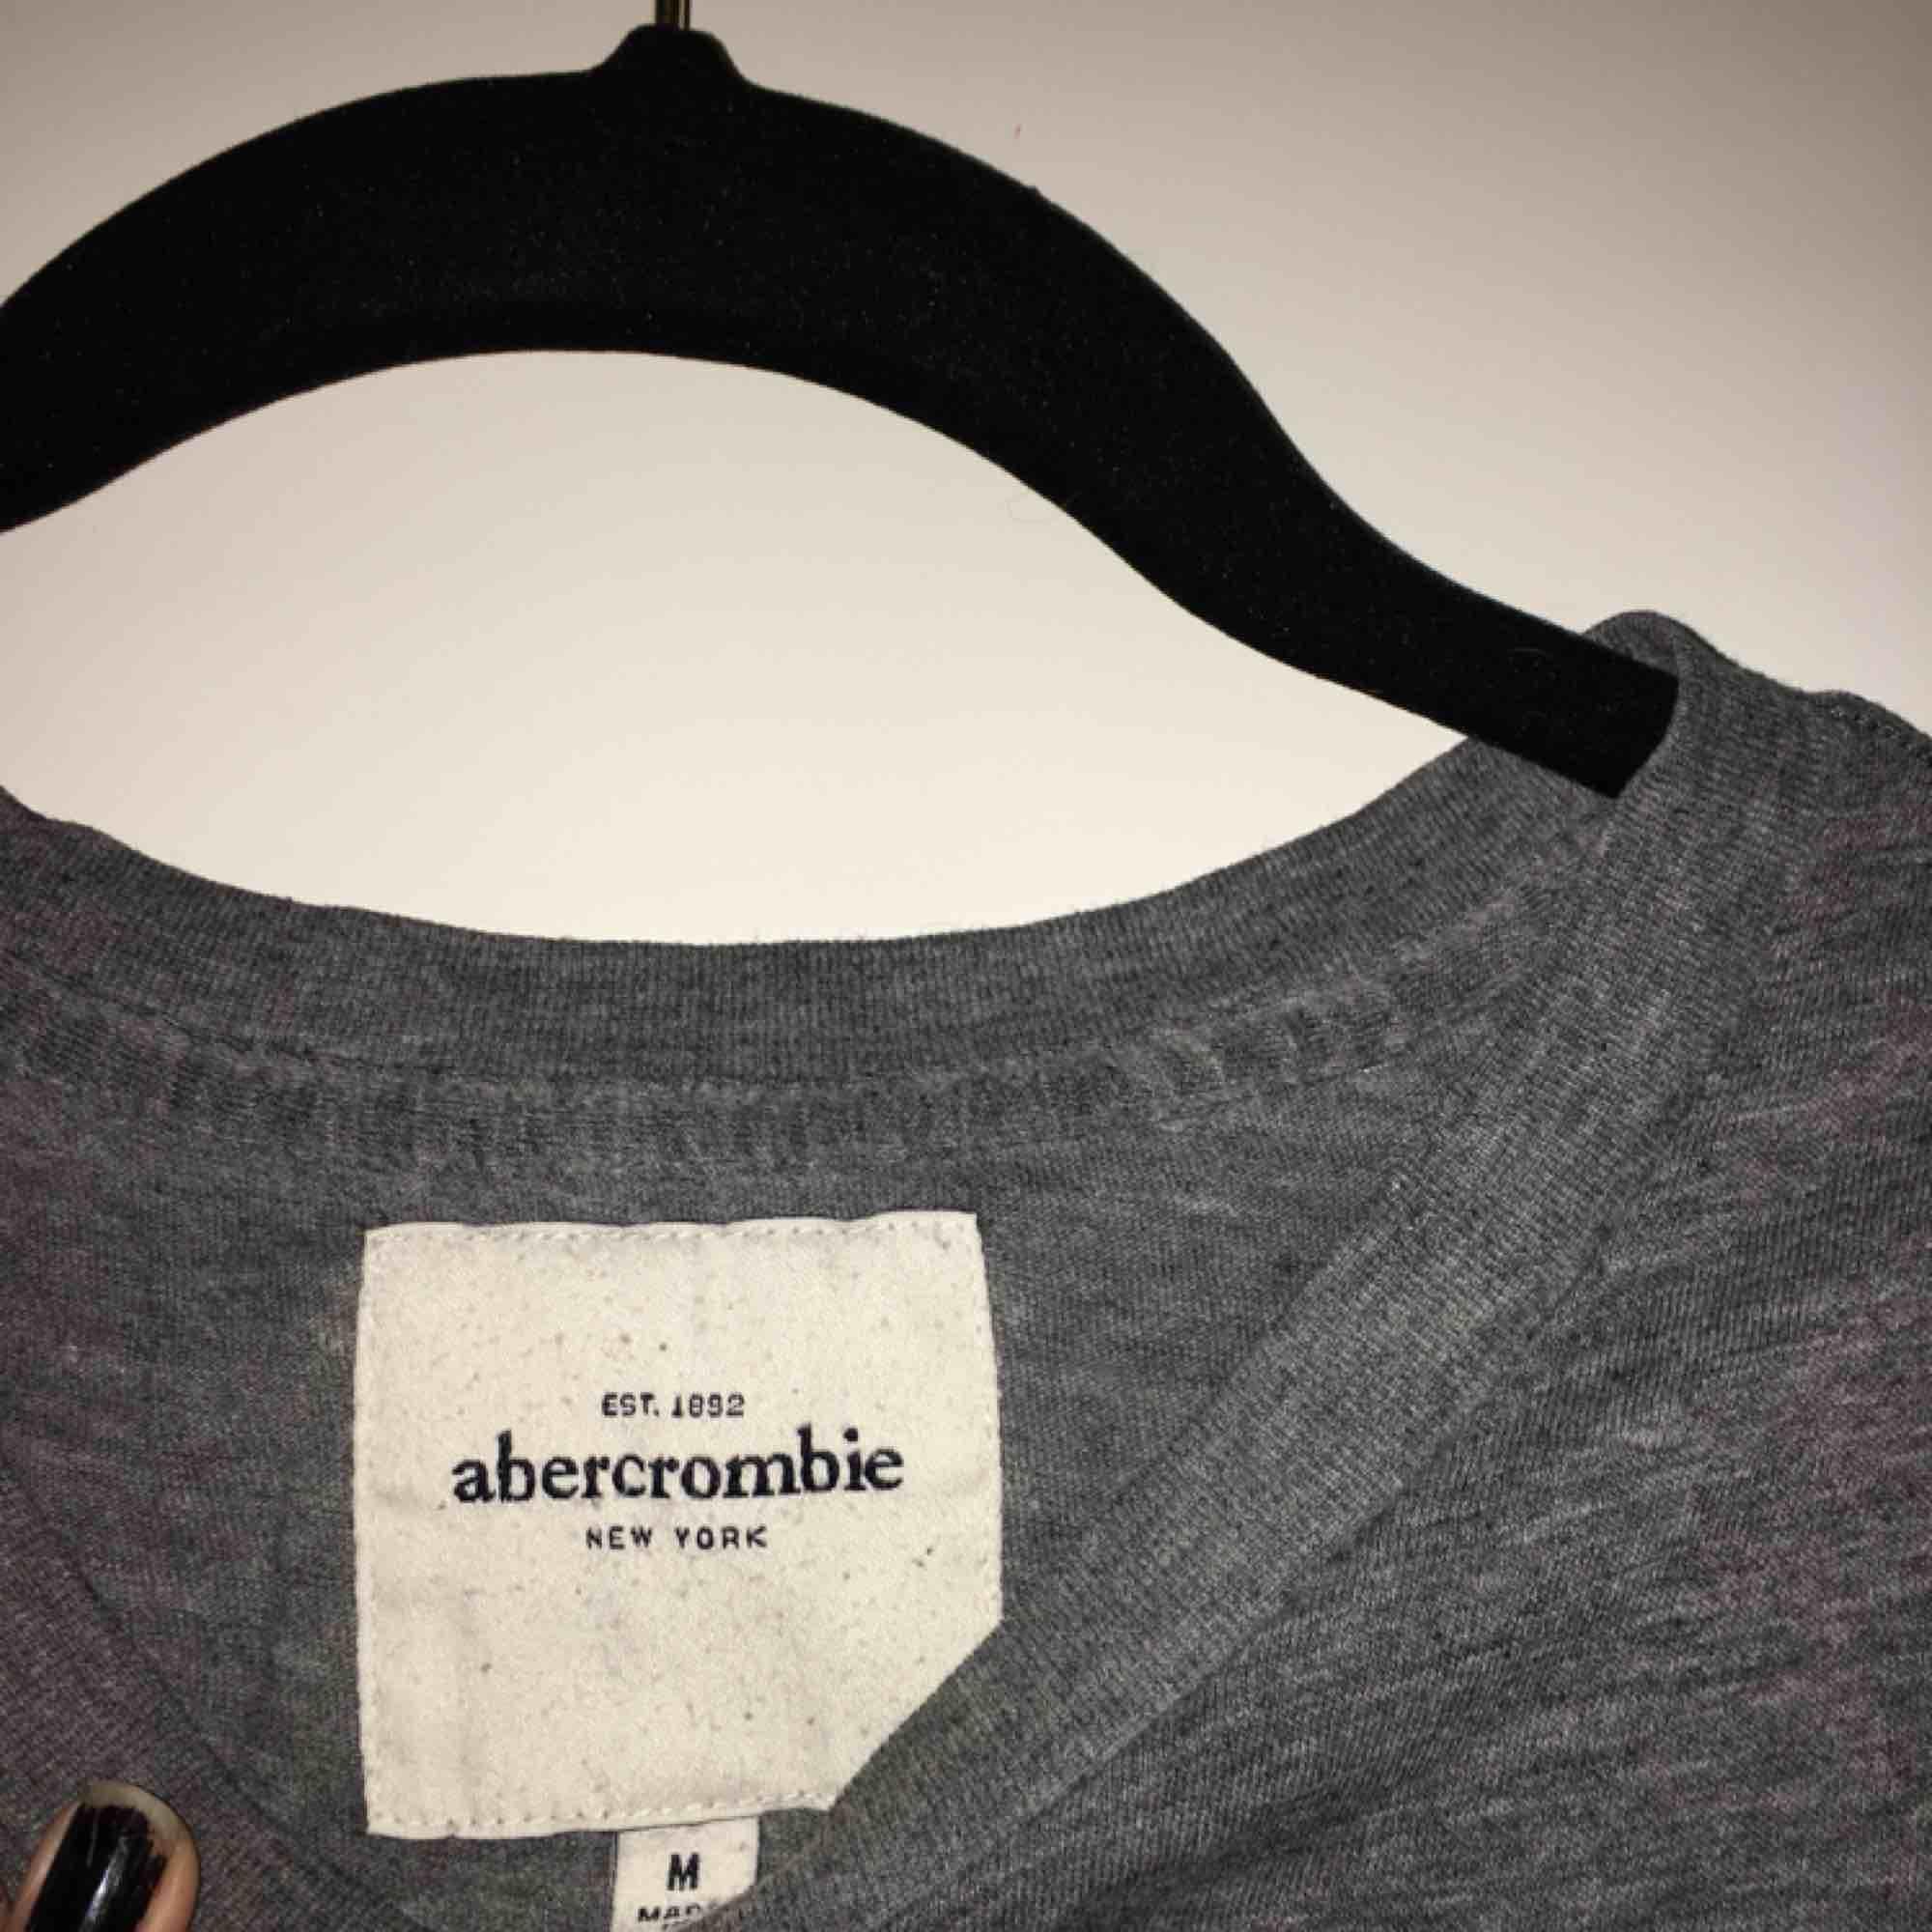 Jättefin t-shirt från A&F köpt i USA⚡️Perfekta gråa basic tishan! Stl. M men sitter som en XS/S 💛 Frakt tillkommer💌. T-shirts.